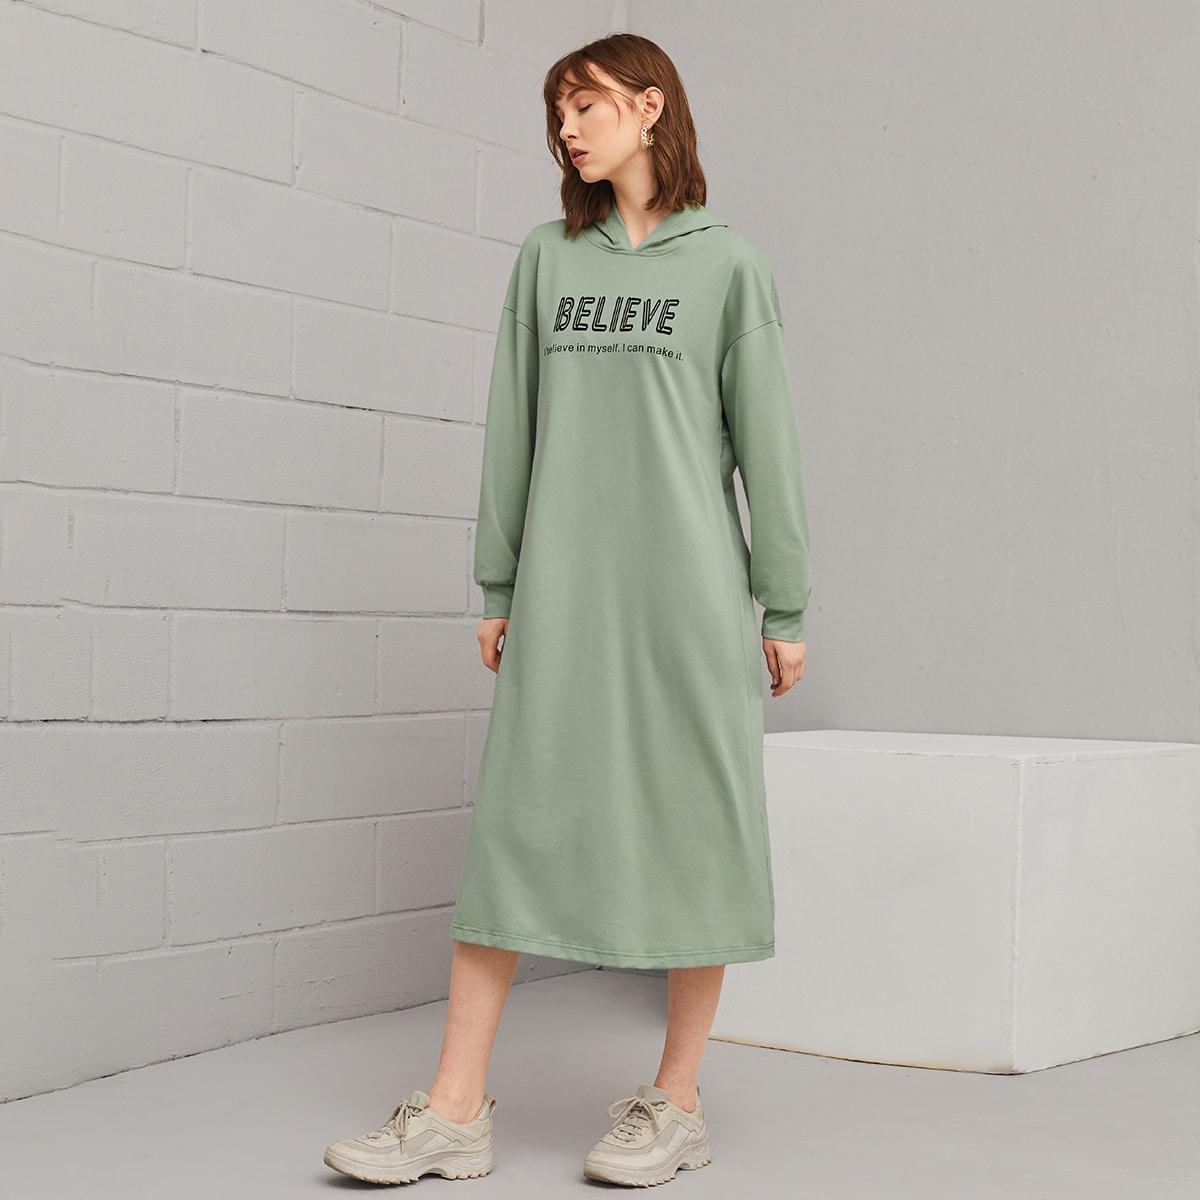 Платье-свитшот с капюшоном и текстовым принтом